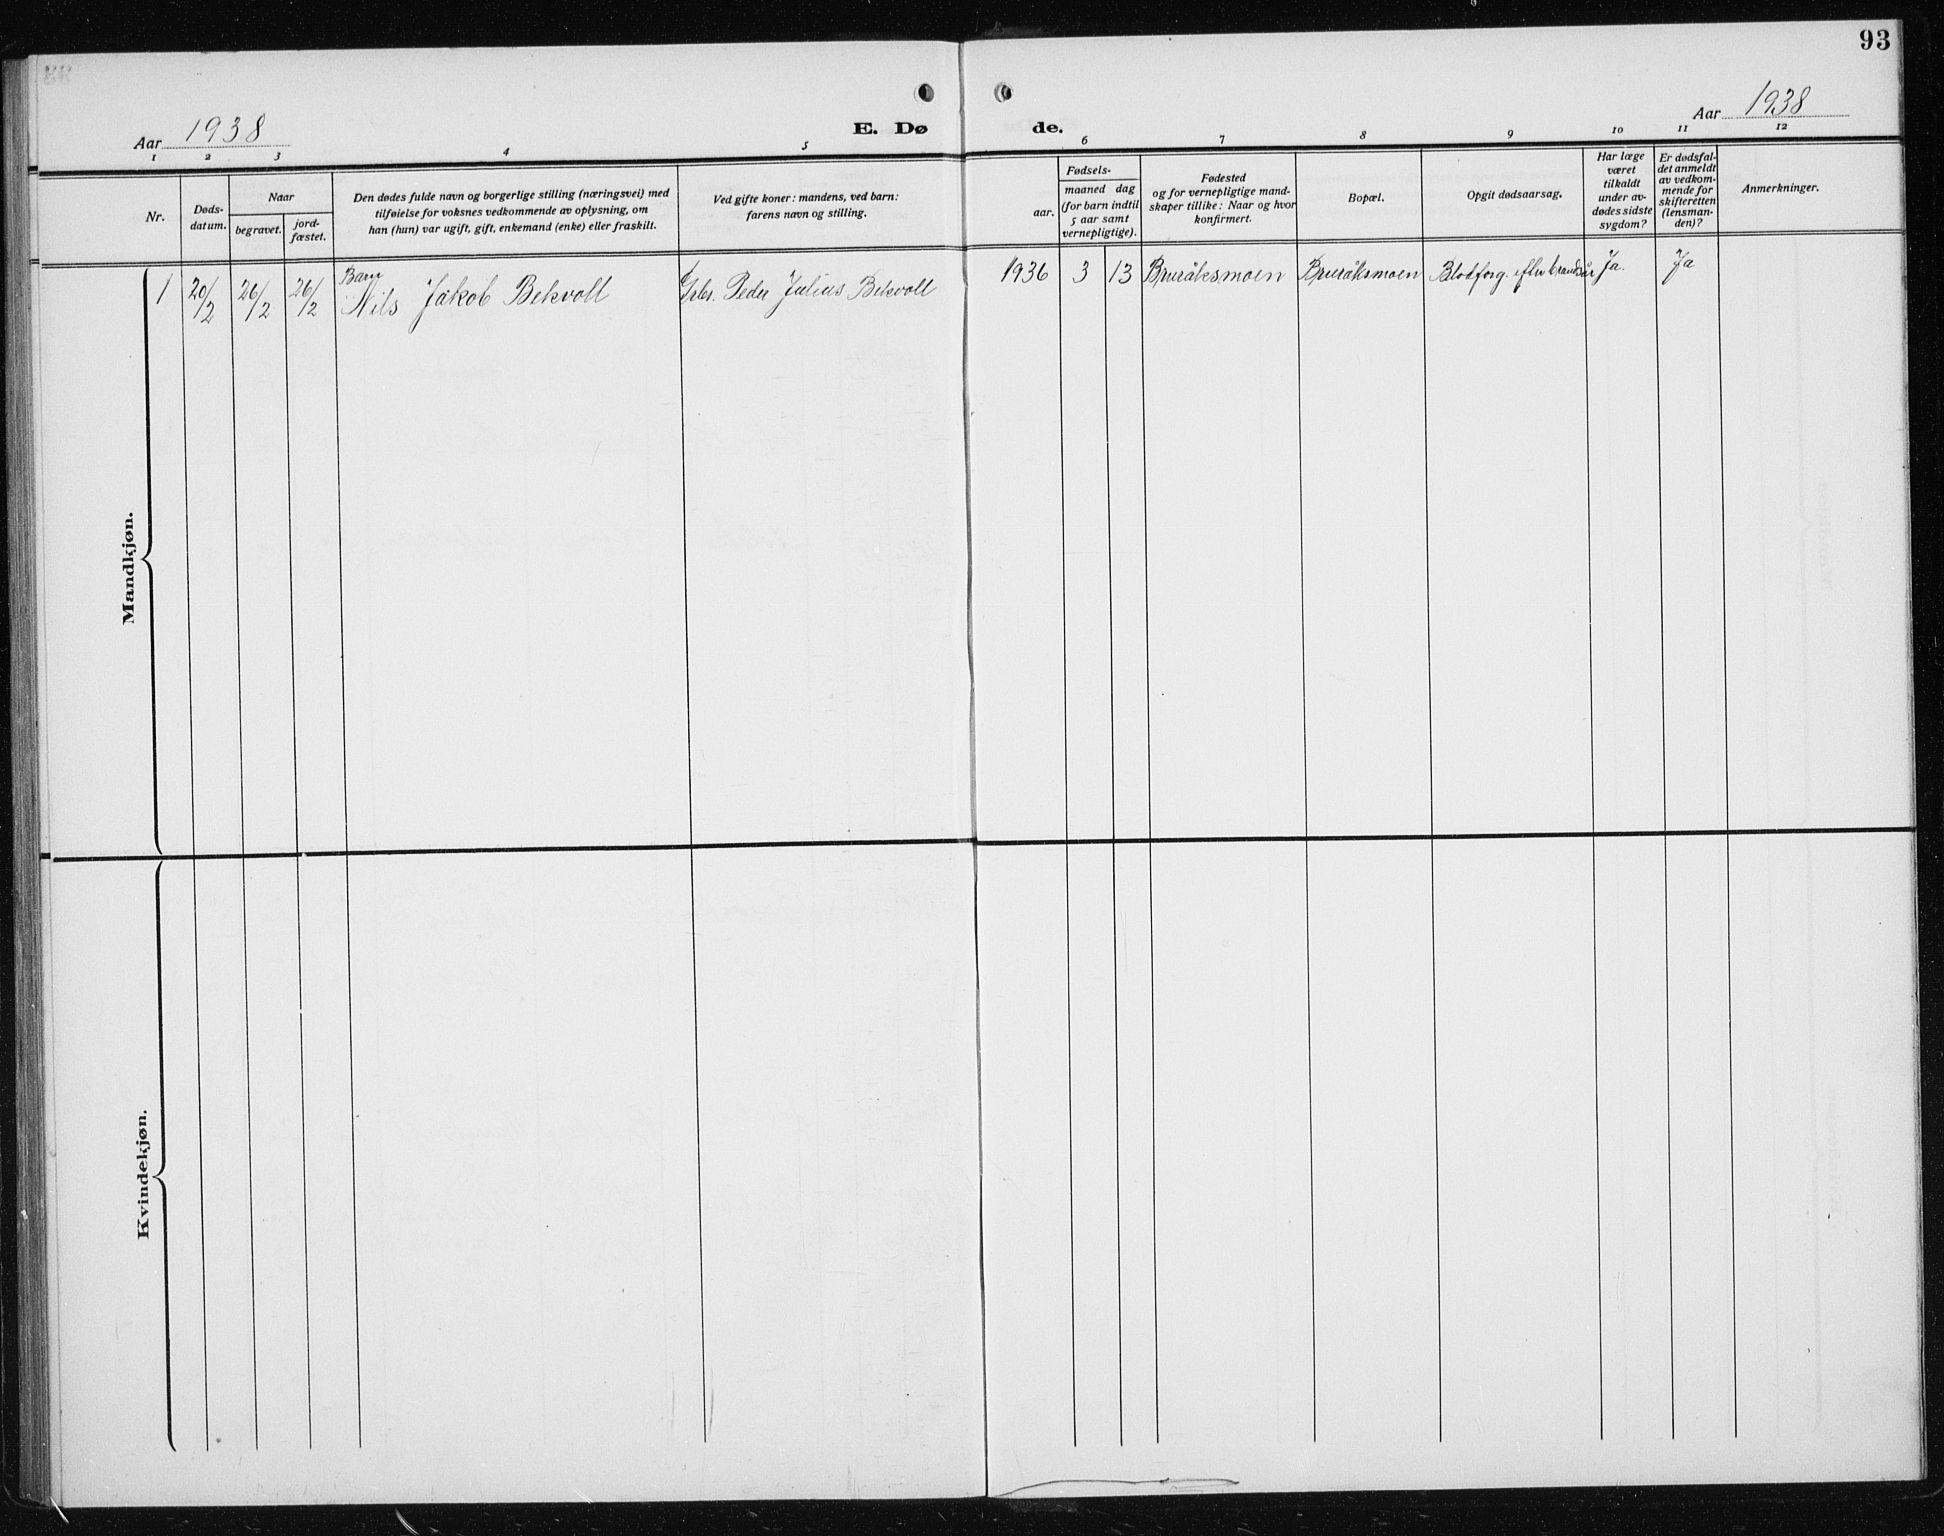 SAT, Ministerialprotokoller, klokkerbøker og fødselsregistre - Sør-Trøndelag, 608/L0342: Klokkerbok nr. 608C08, 1912-1938, s. 93